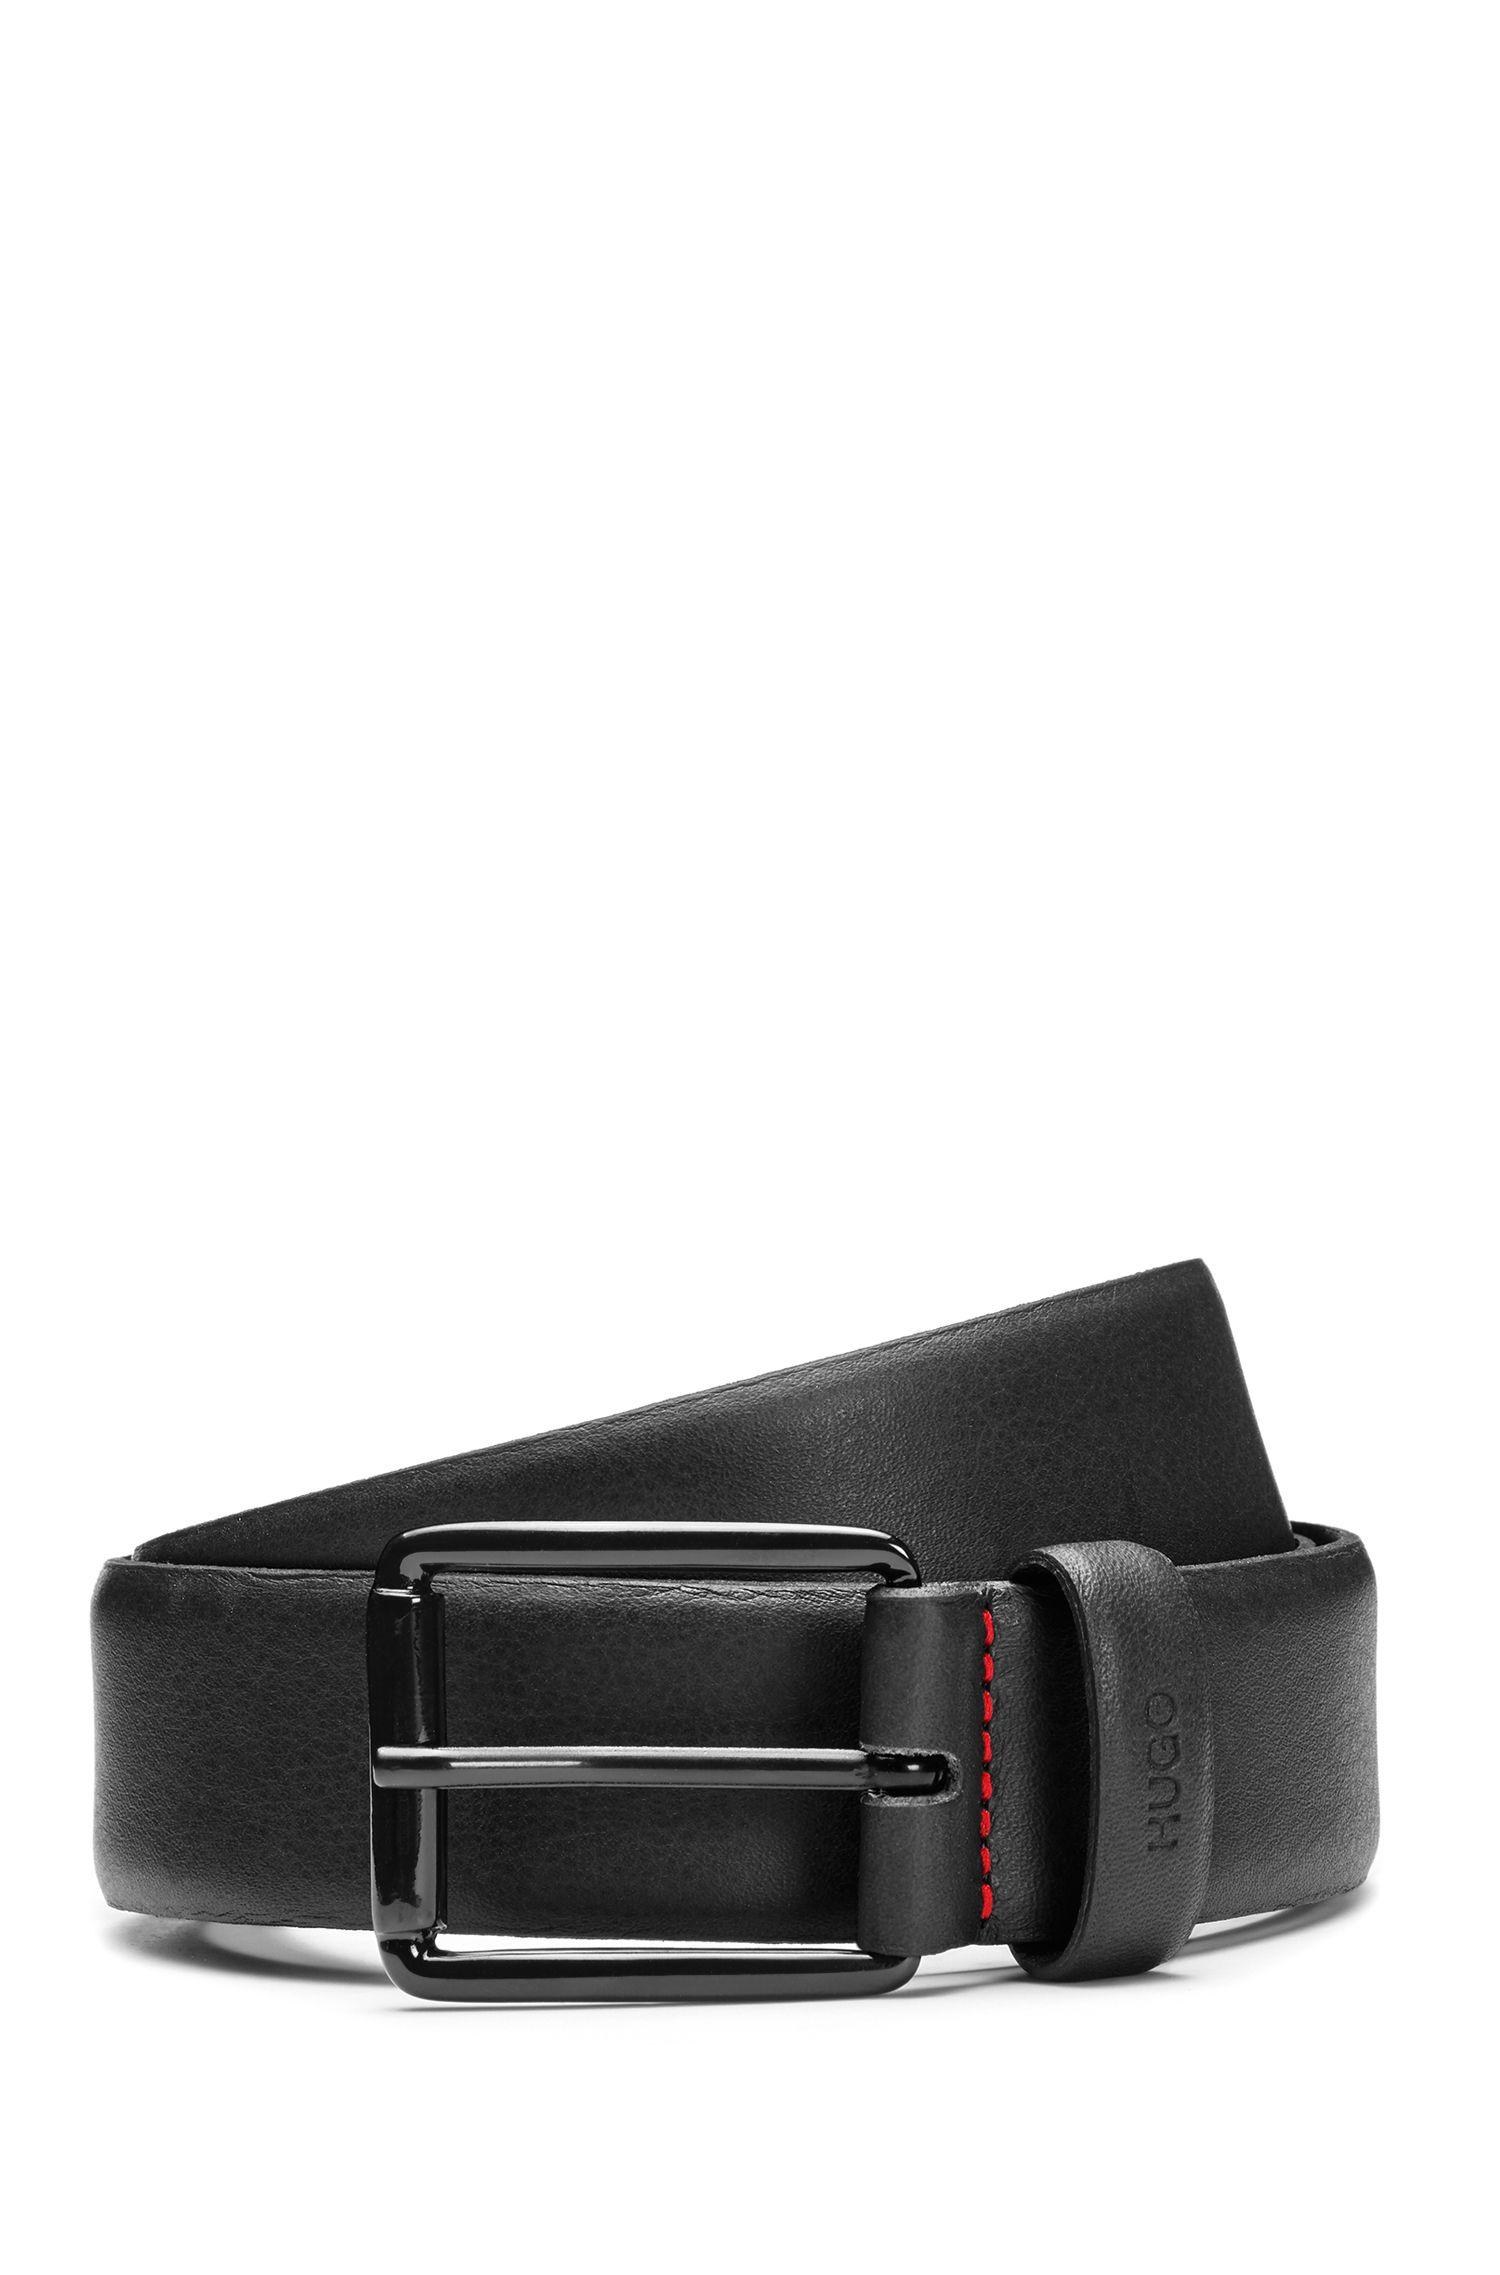 Cinturón de piel grabada con hebilla negra barnizada